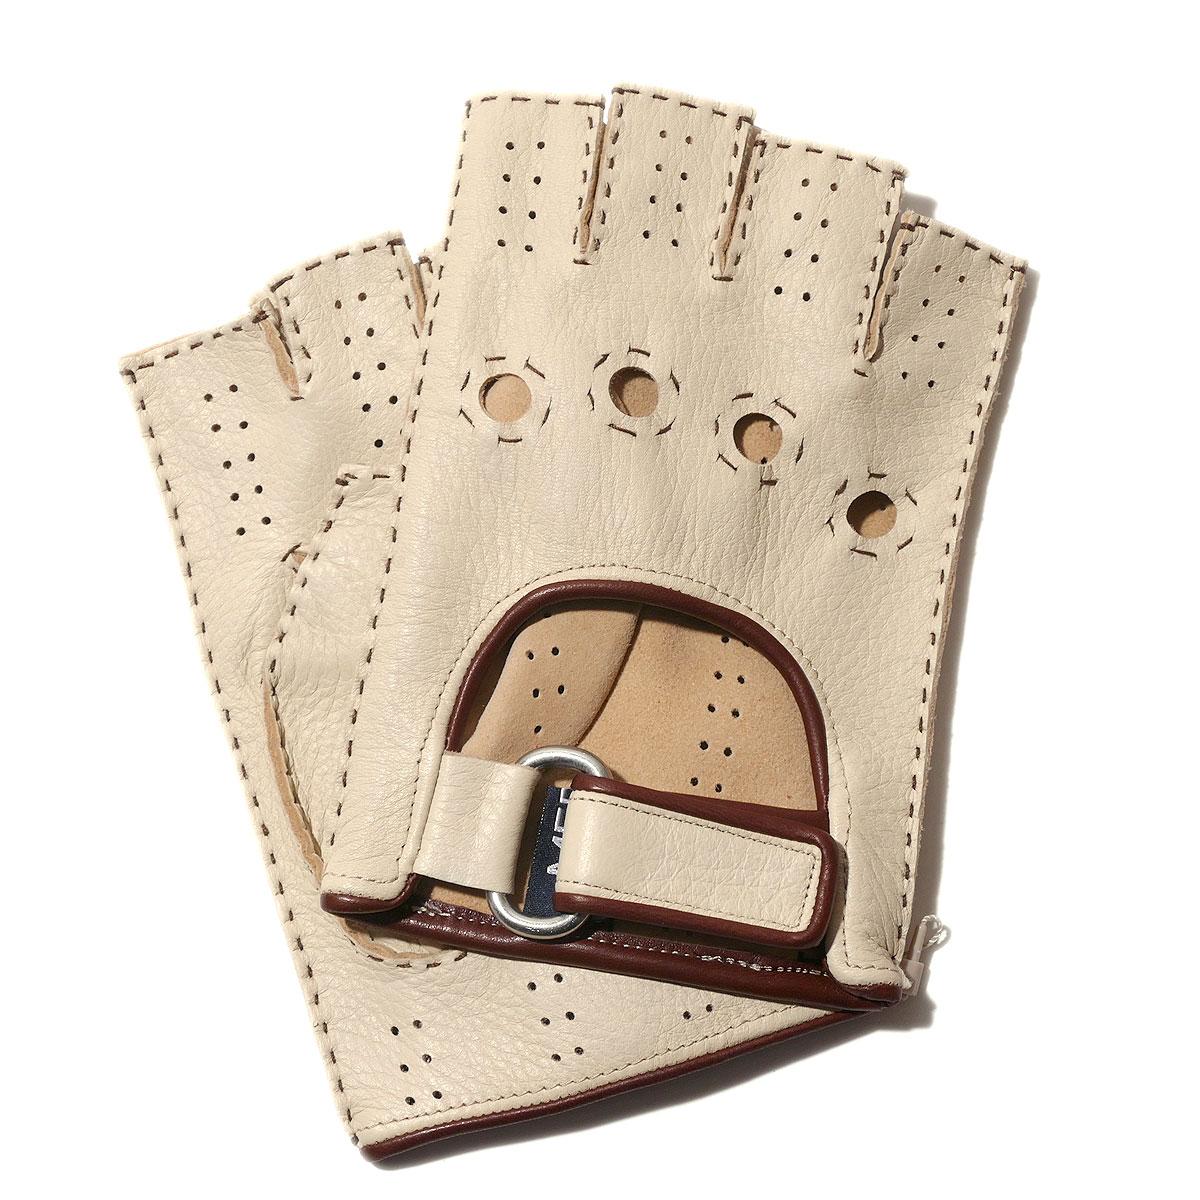 メローラ カットオフ ドライビンググローブ ディアスキン(クリーム) 手袋指なし メンズ【イタリア製】MEROLA【手ぶくろ 男性用 プレゼント】